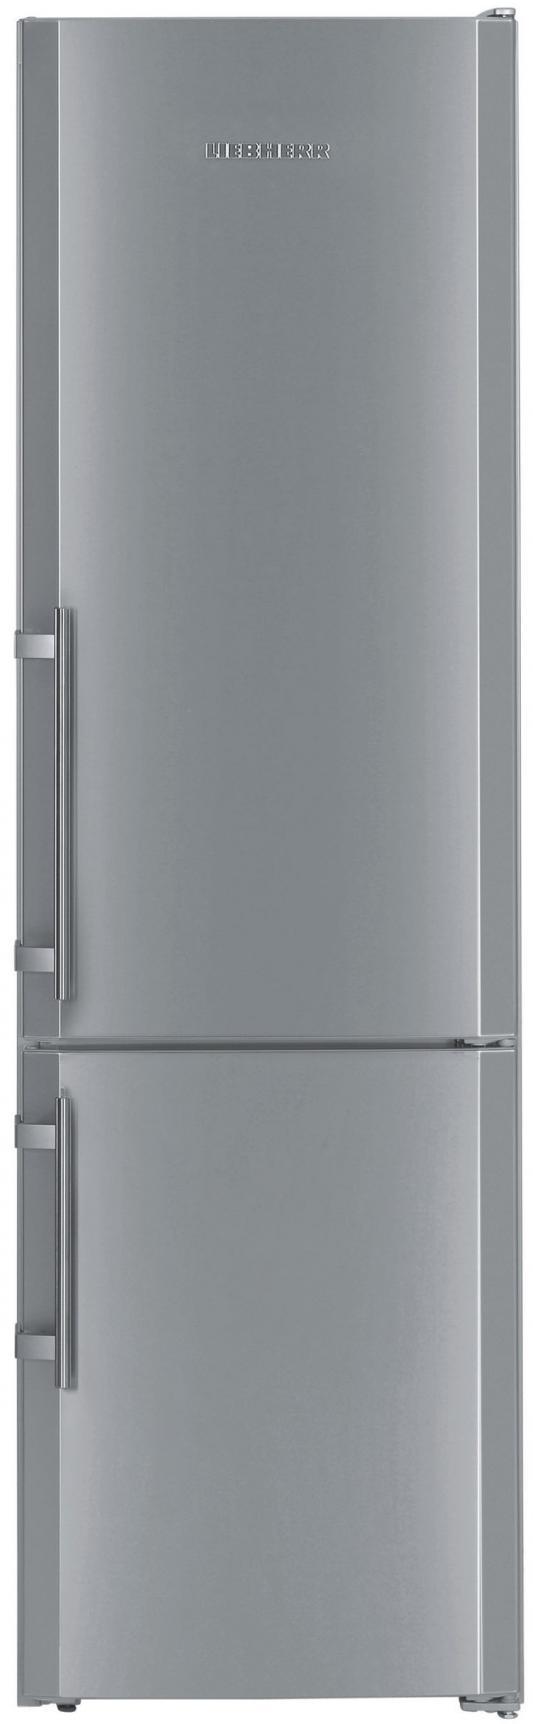 Холодильник Liebherr CUef 3515-20 001 серебристый